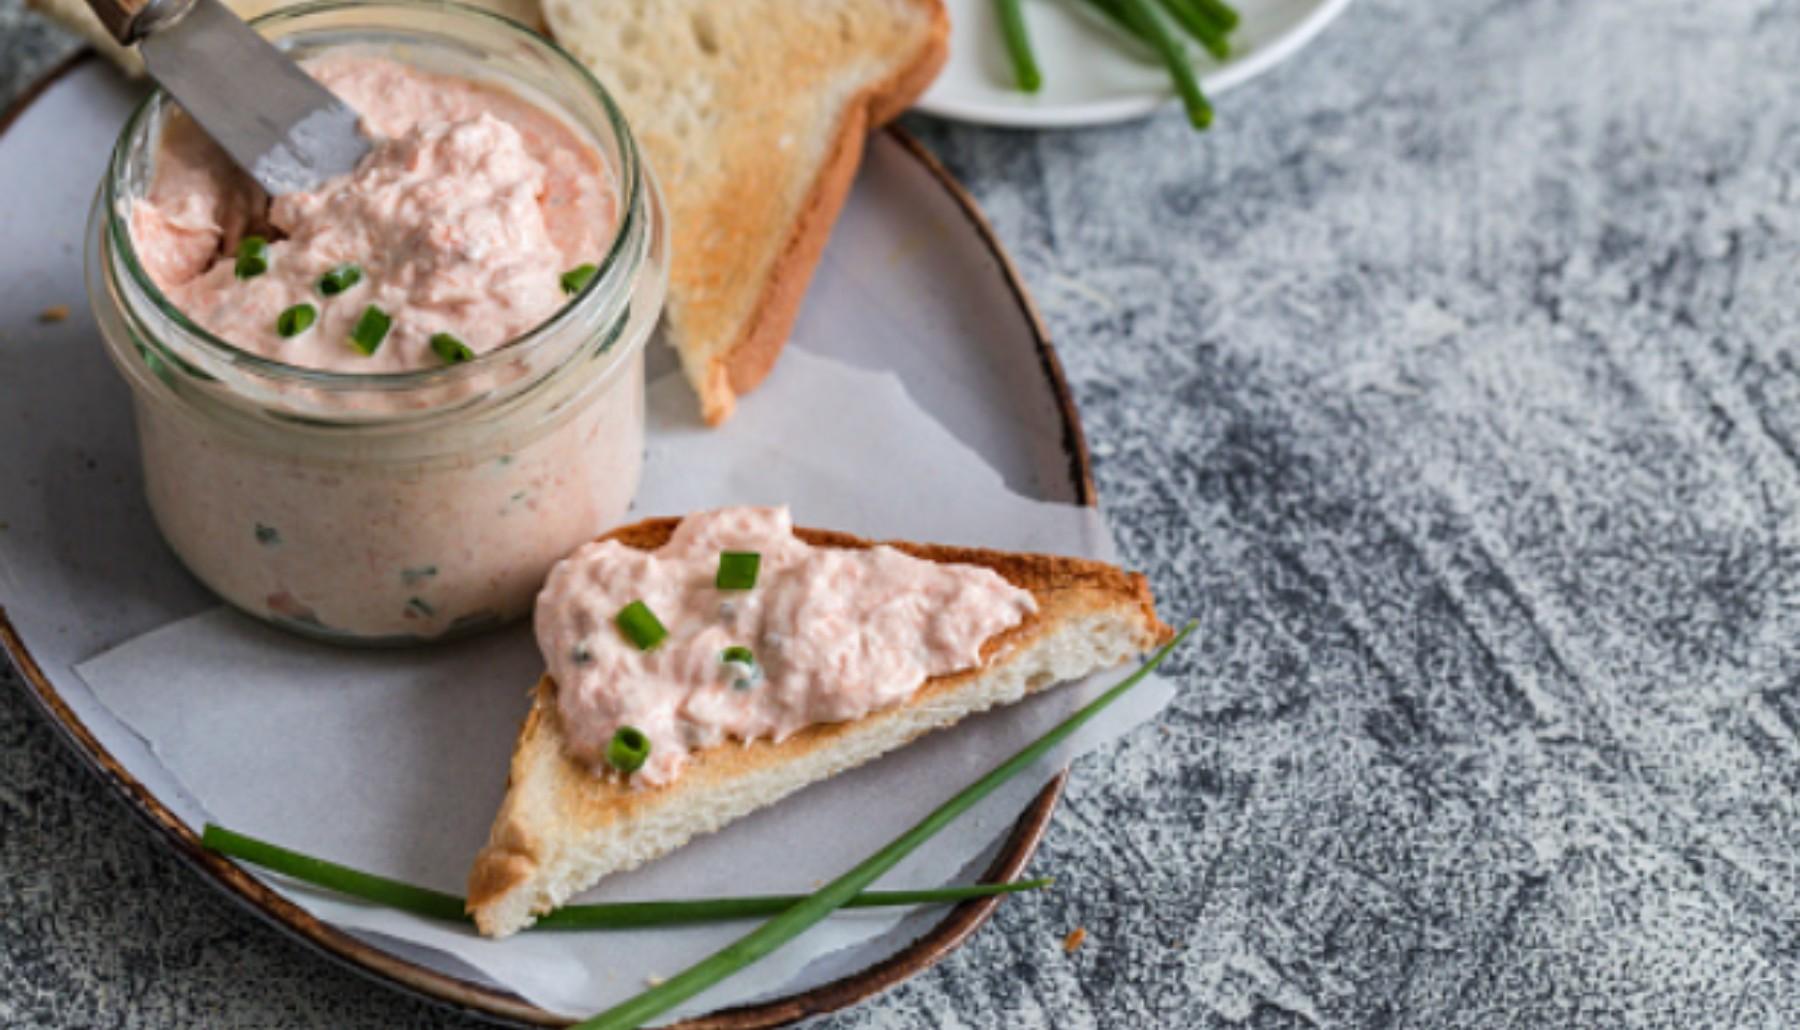 Paté de atún, mejillones y gambas, receta de aperitivo listo en 5 minutos